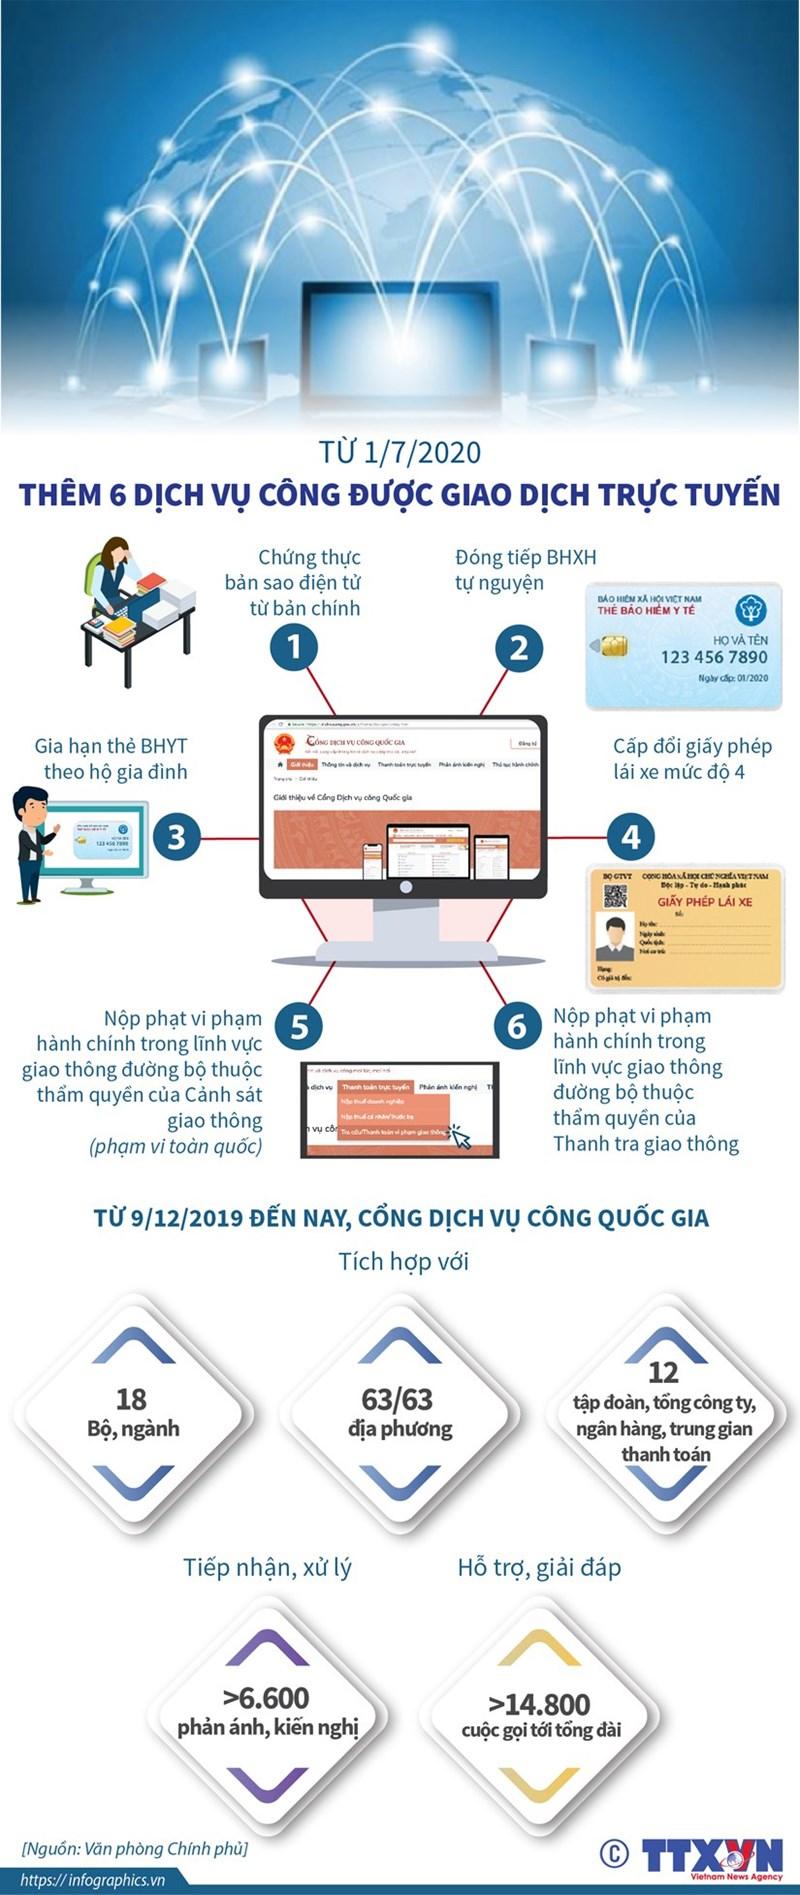 [Infographics] Từ 1/7: Thêm 6 dịch vụ công được giao dịch trực tuyến - Ảnh 1